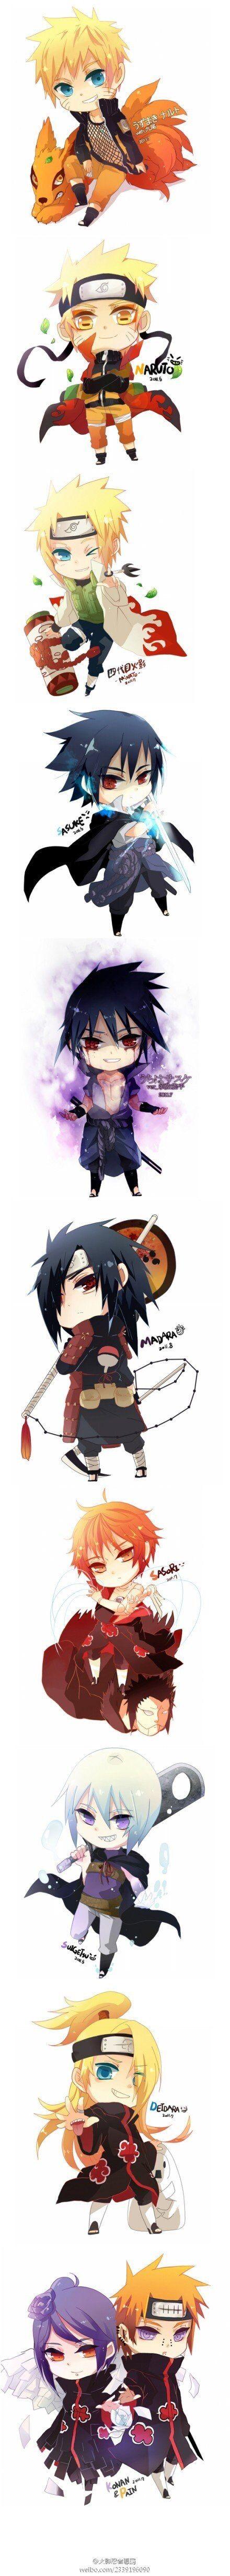 Naruto, Minato, Sasuke, Madara, Sasori, Deidara, Suigetsu, Pain, and Konan.